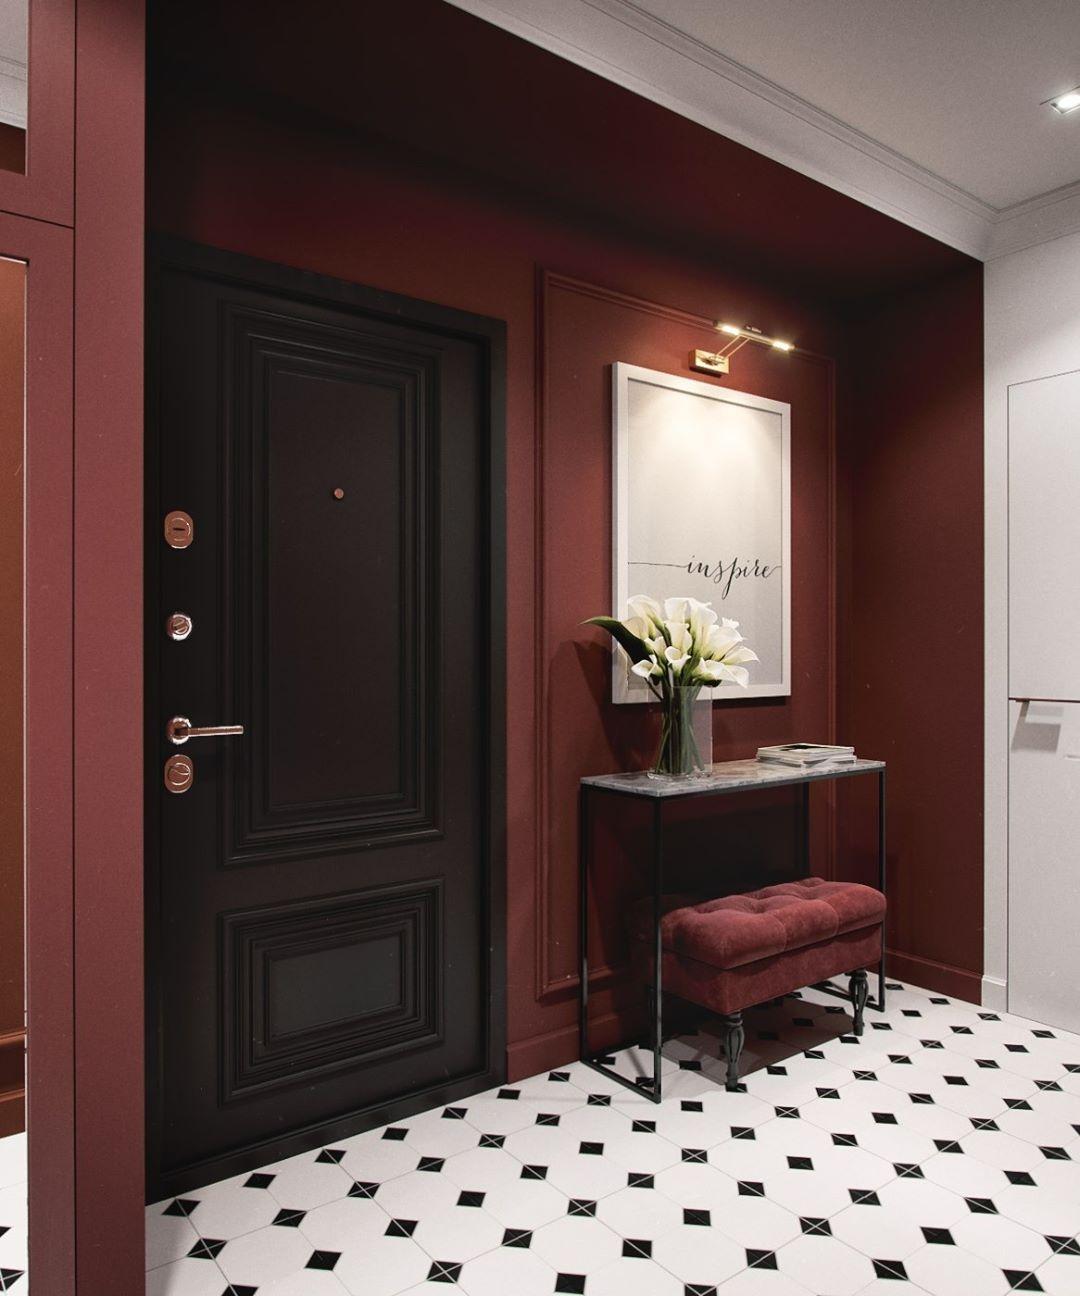 hall d'entrée avec une porte en bois